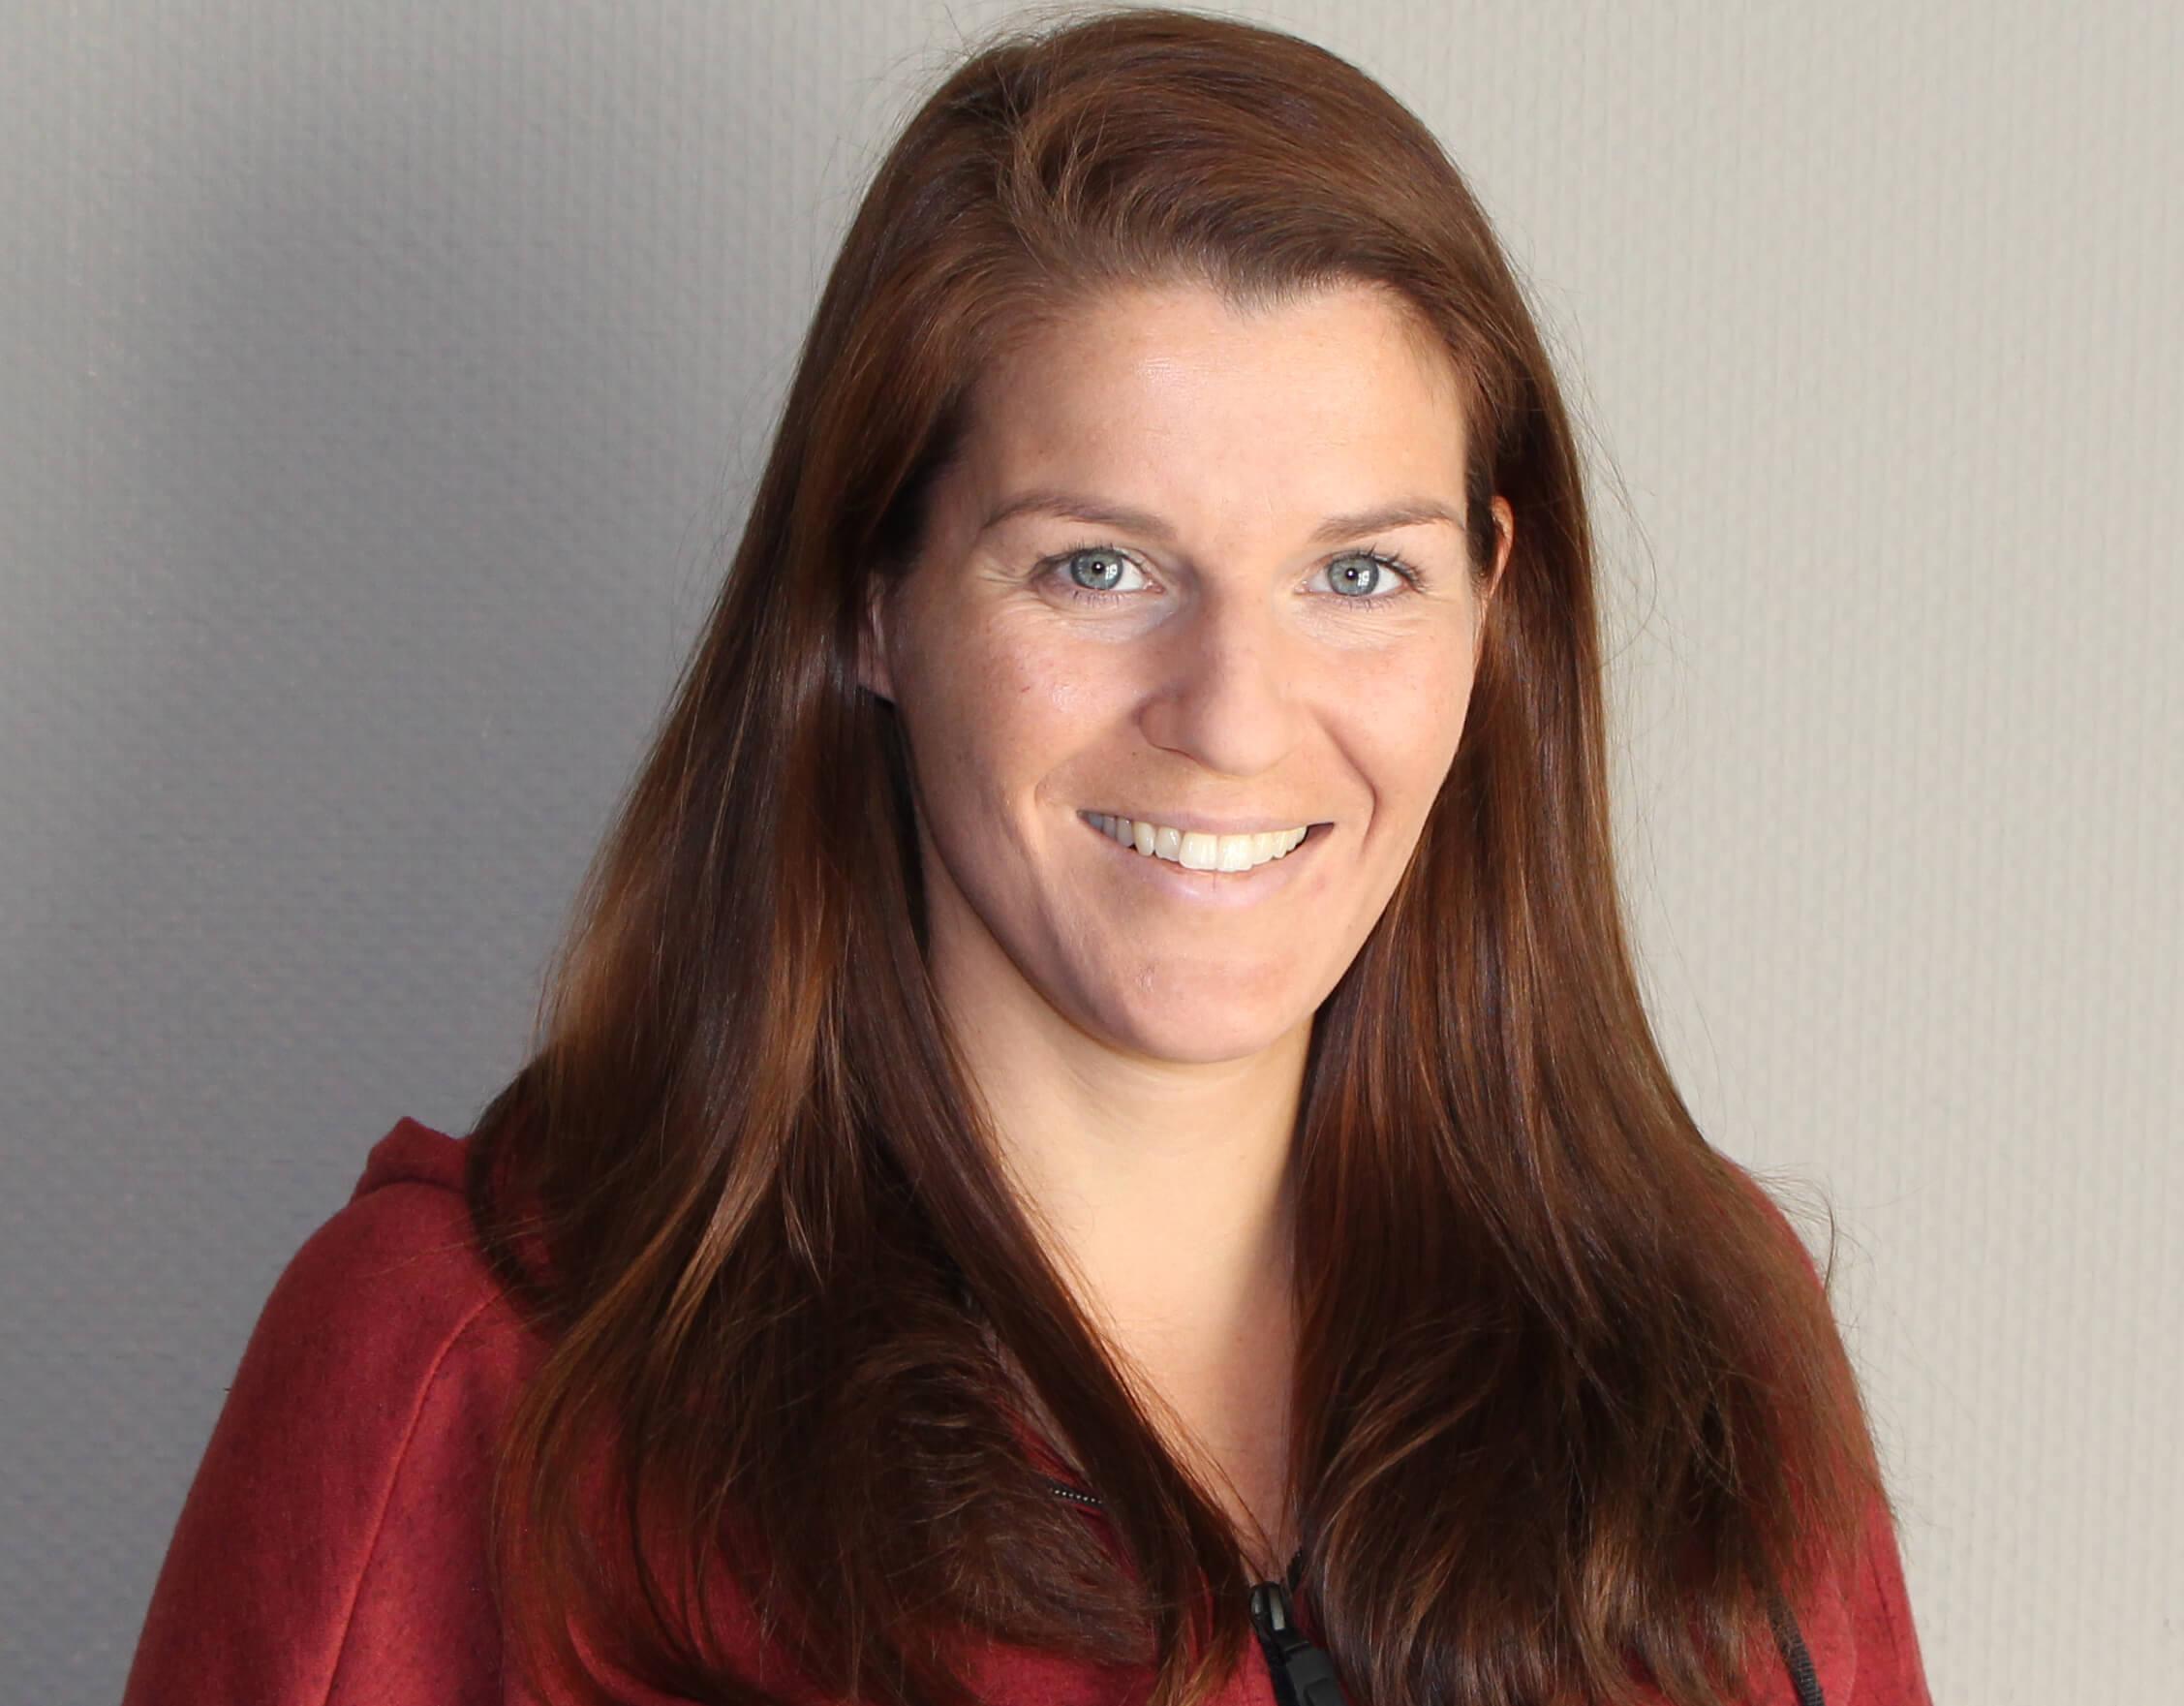 Alexandra Haase